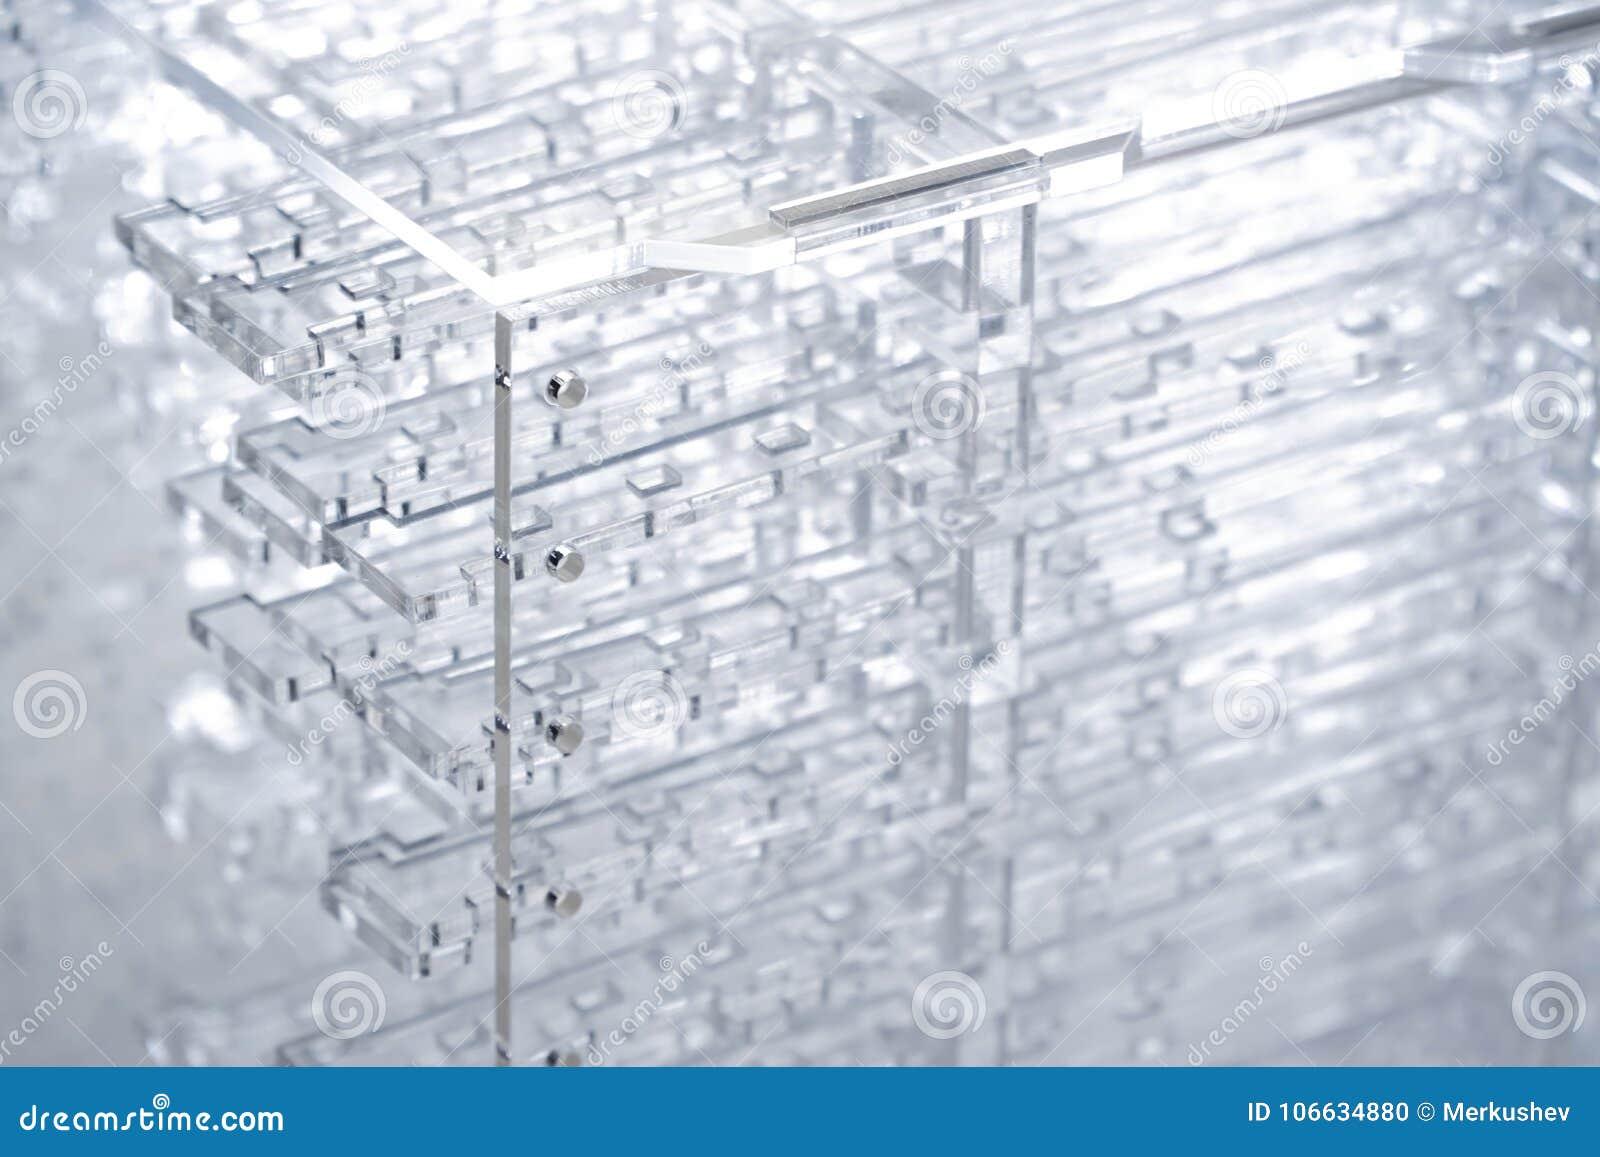 Zaawansowany technicznie abstrakcjonistyczny tło Szczegóły przejrzysty klingeryt lub szkło Laserowy rozcięcie plexiglass